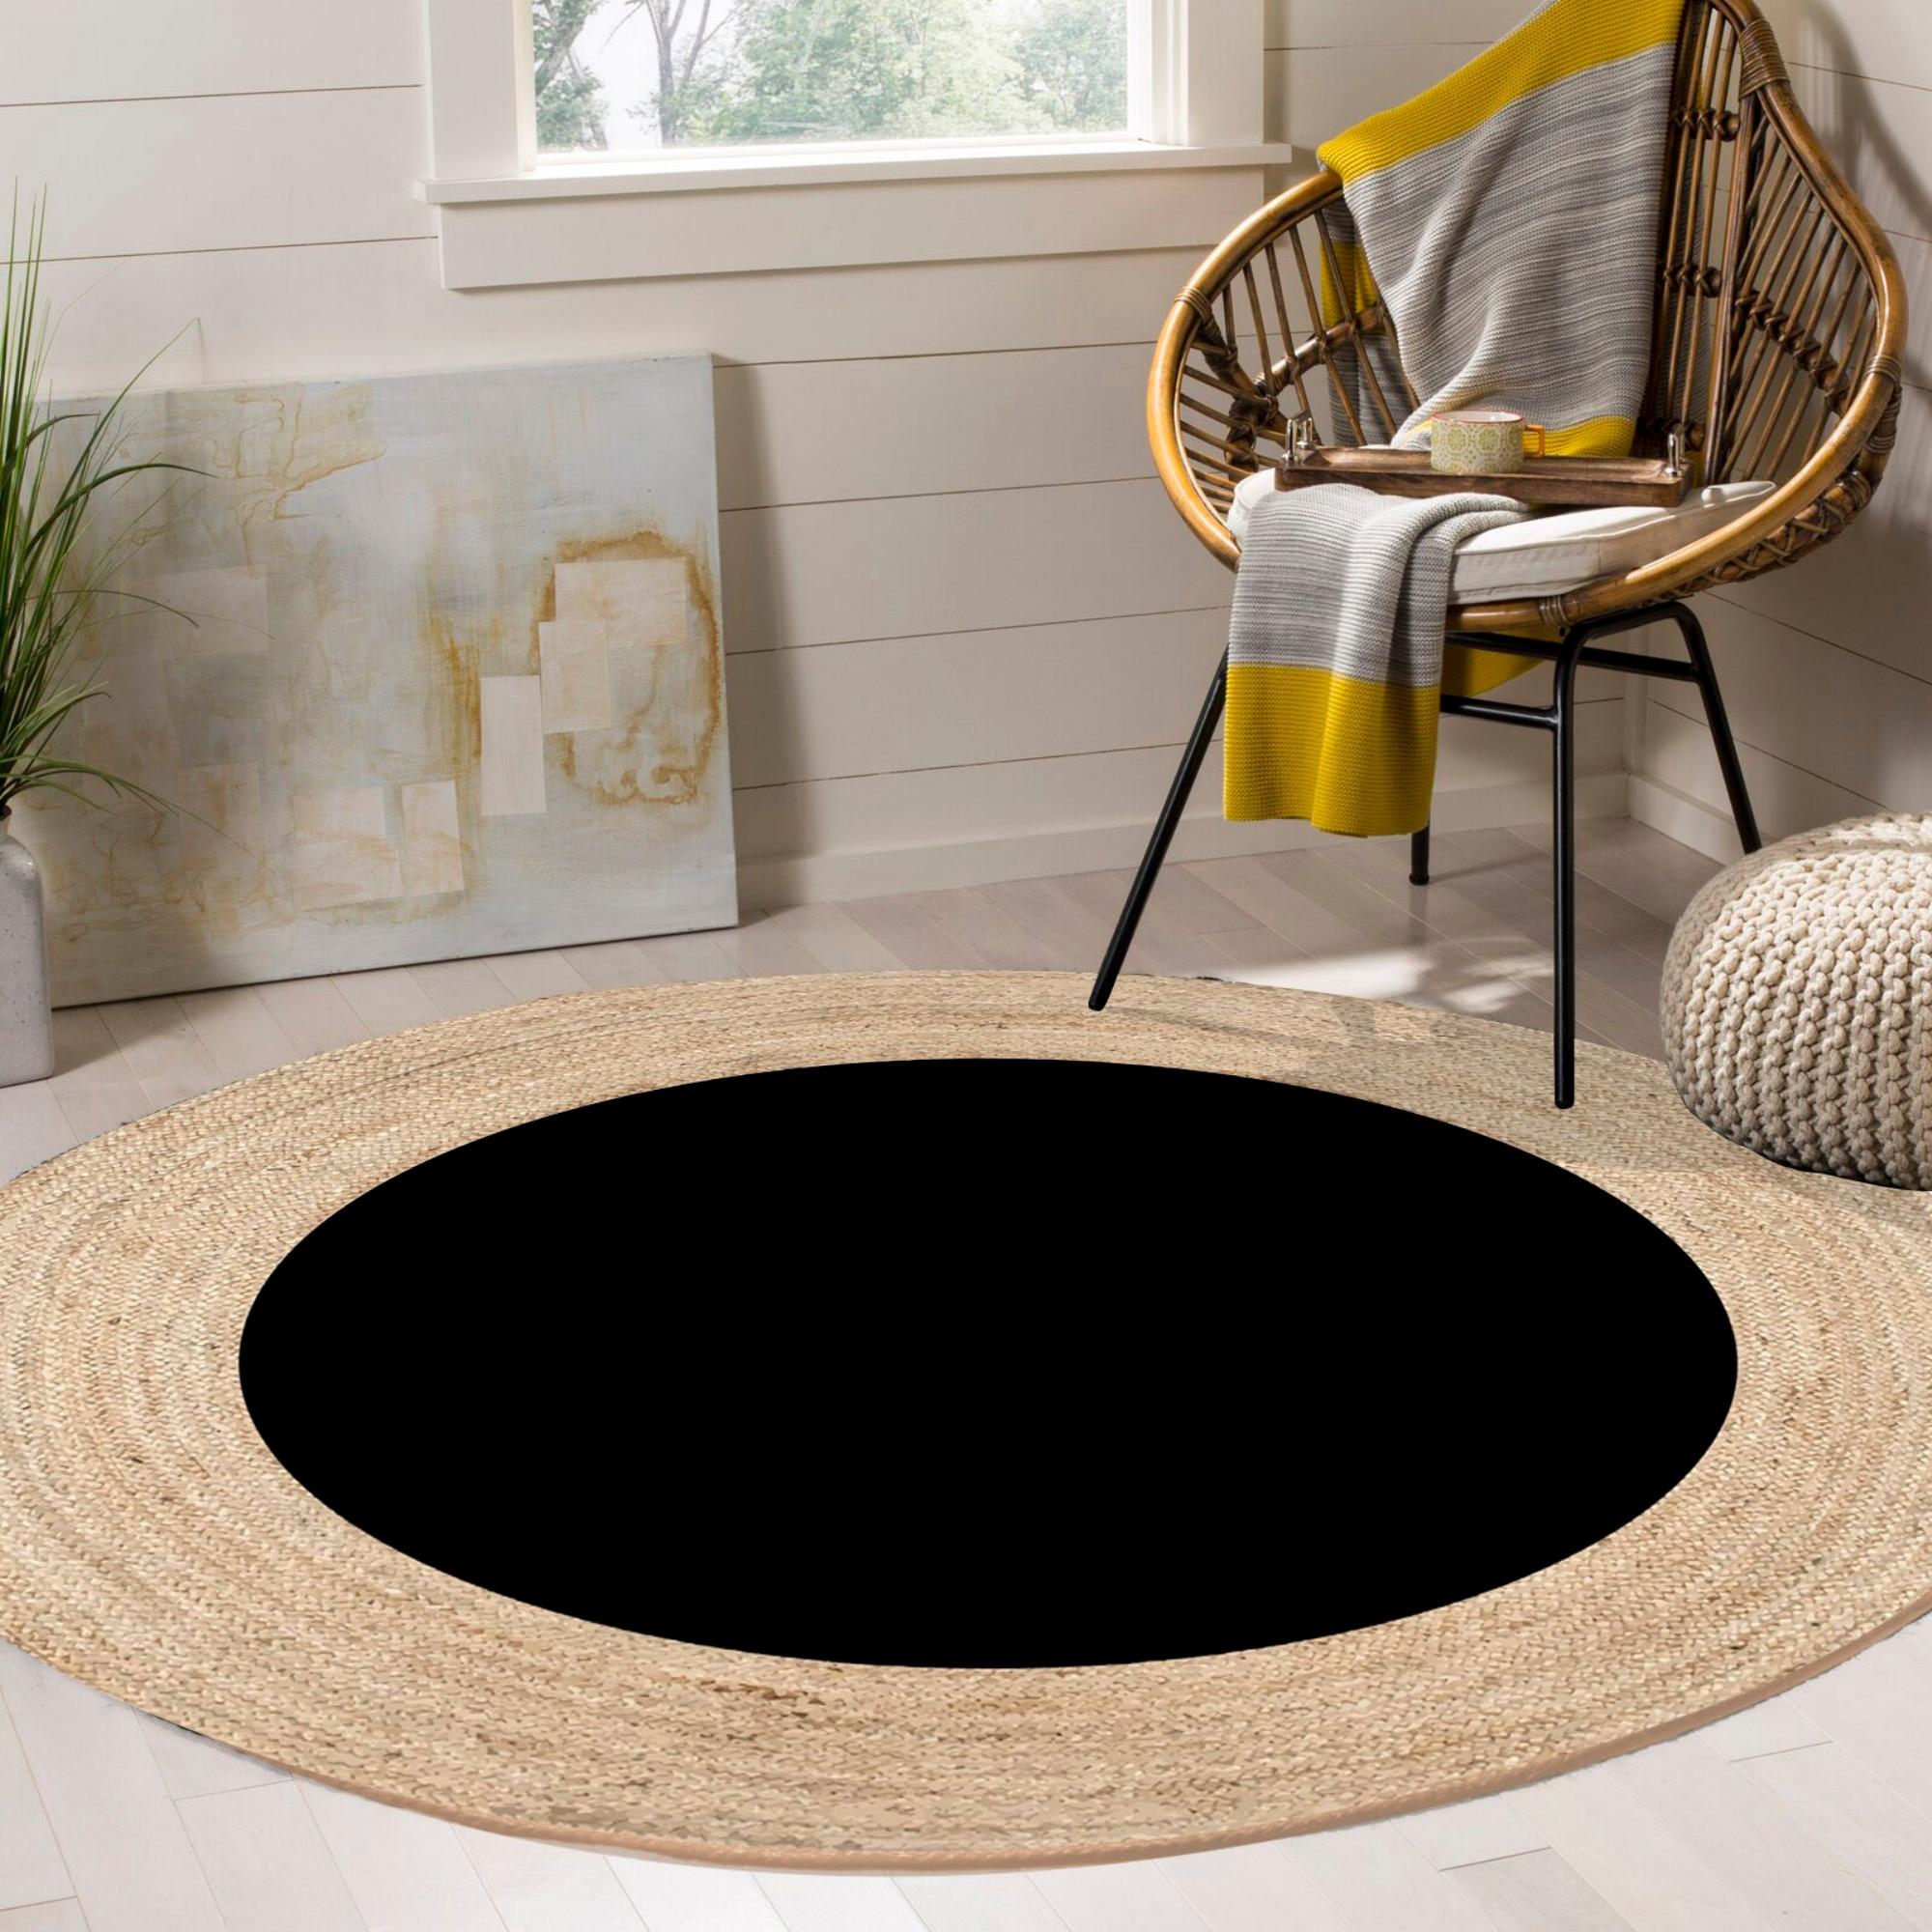 غير ذلك أسود دائري الجوت السيزال اليدوية مسطح نسج الطبيعية الجوت السجاد جولة الطابق حصيرة غرفة المعيشة غرفة نوم السيزال منطقة البساط